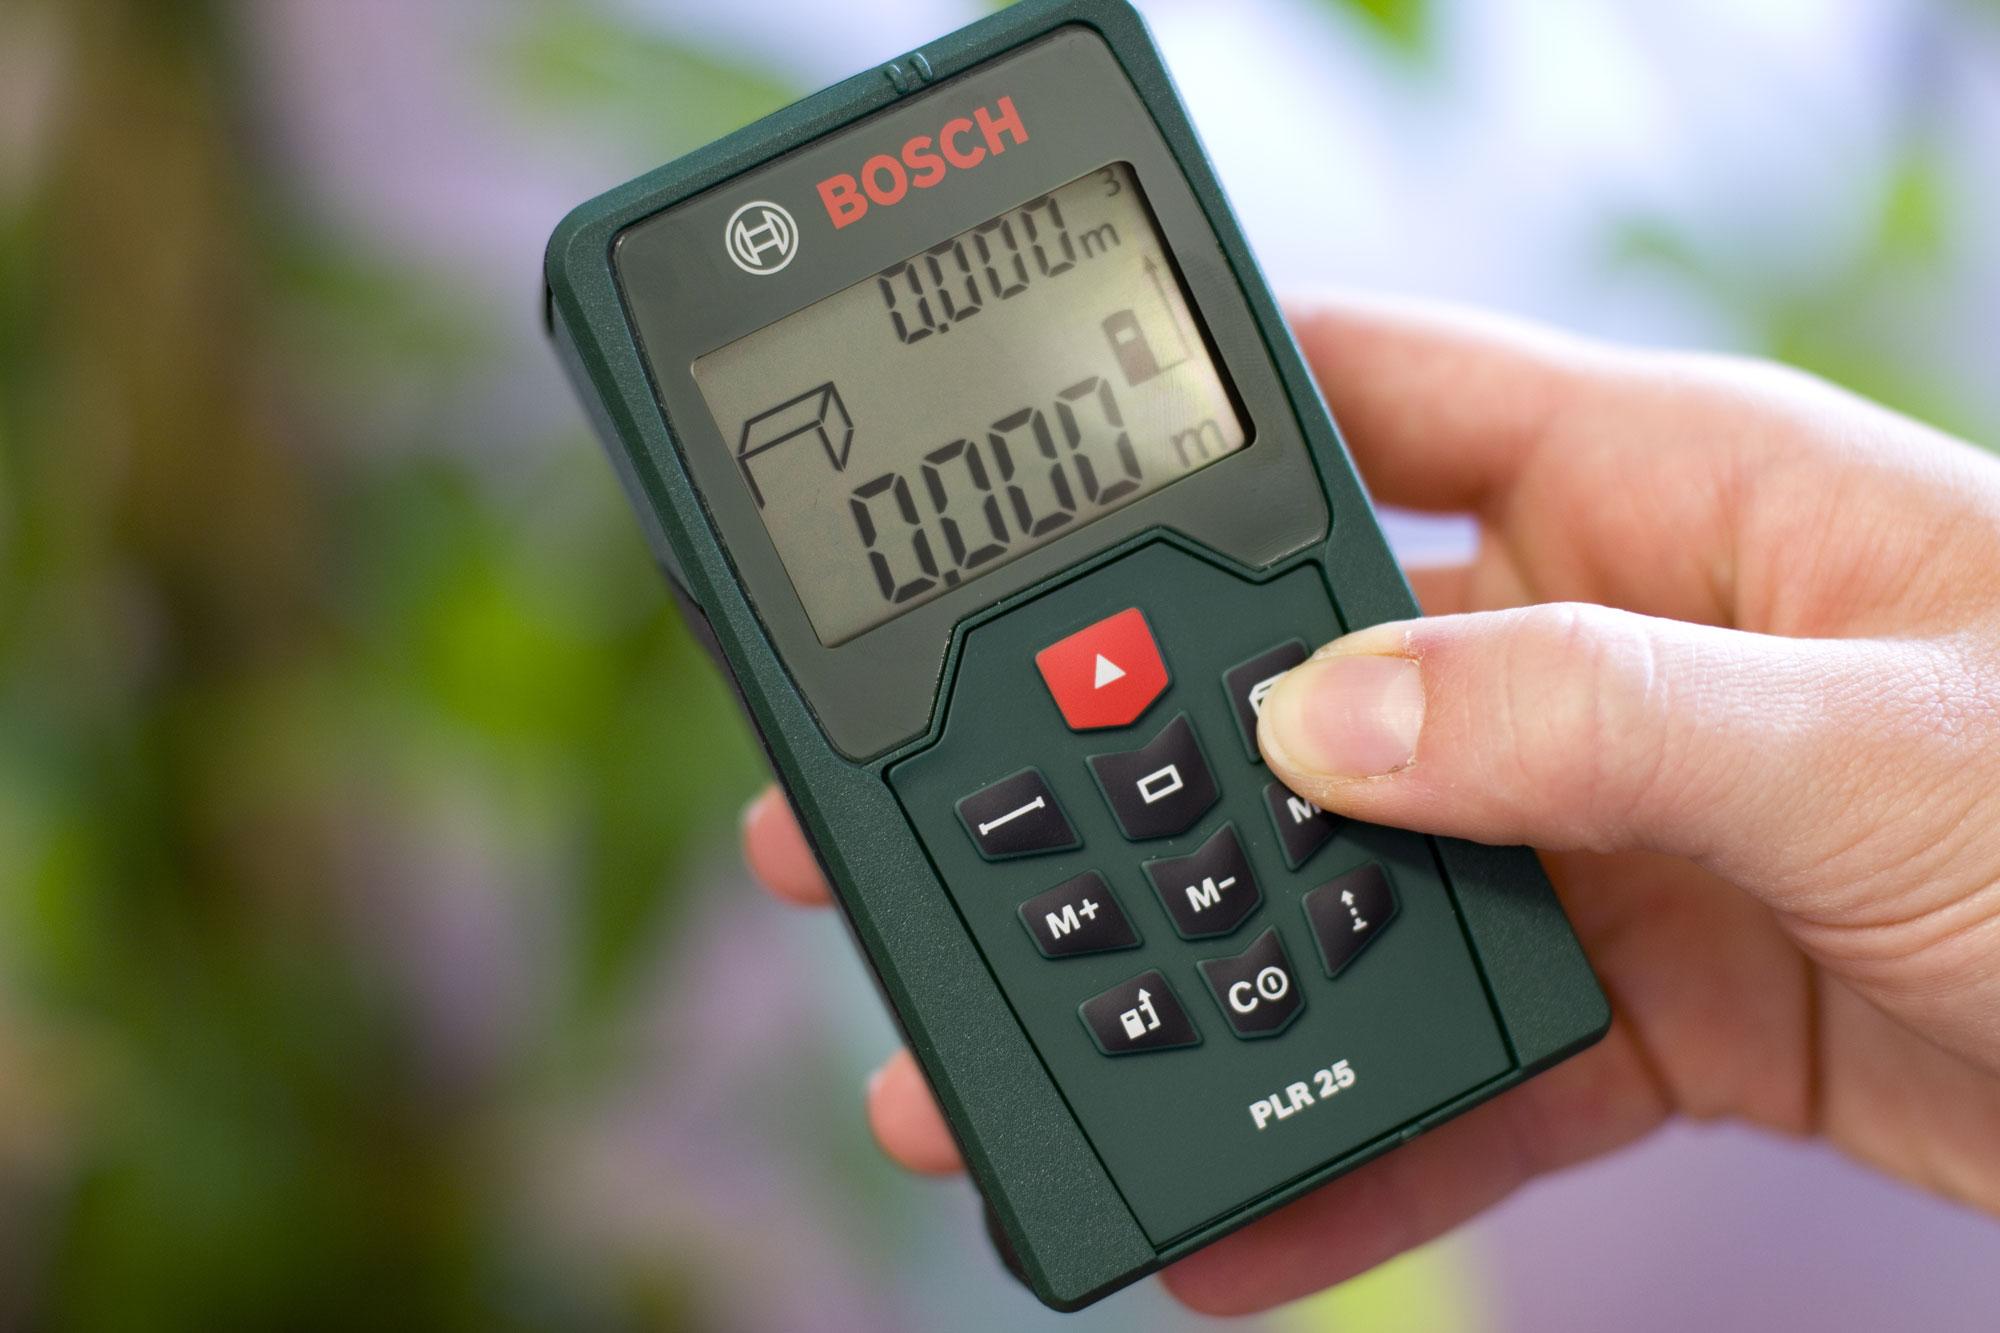 Bosch Plr 25 Laser Entfernungsmesser Test : Pressekontakt & material von entfernungsmesser tests.de